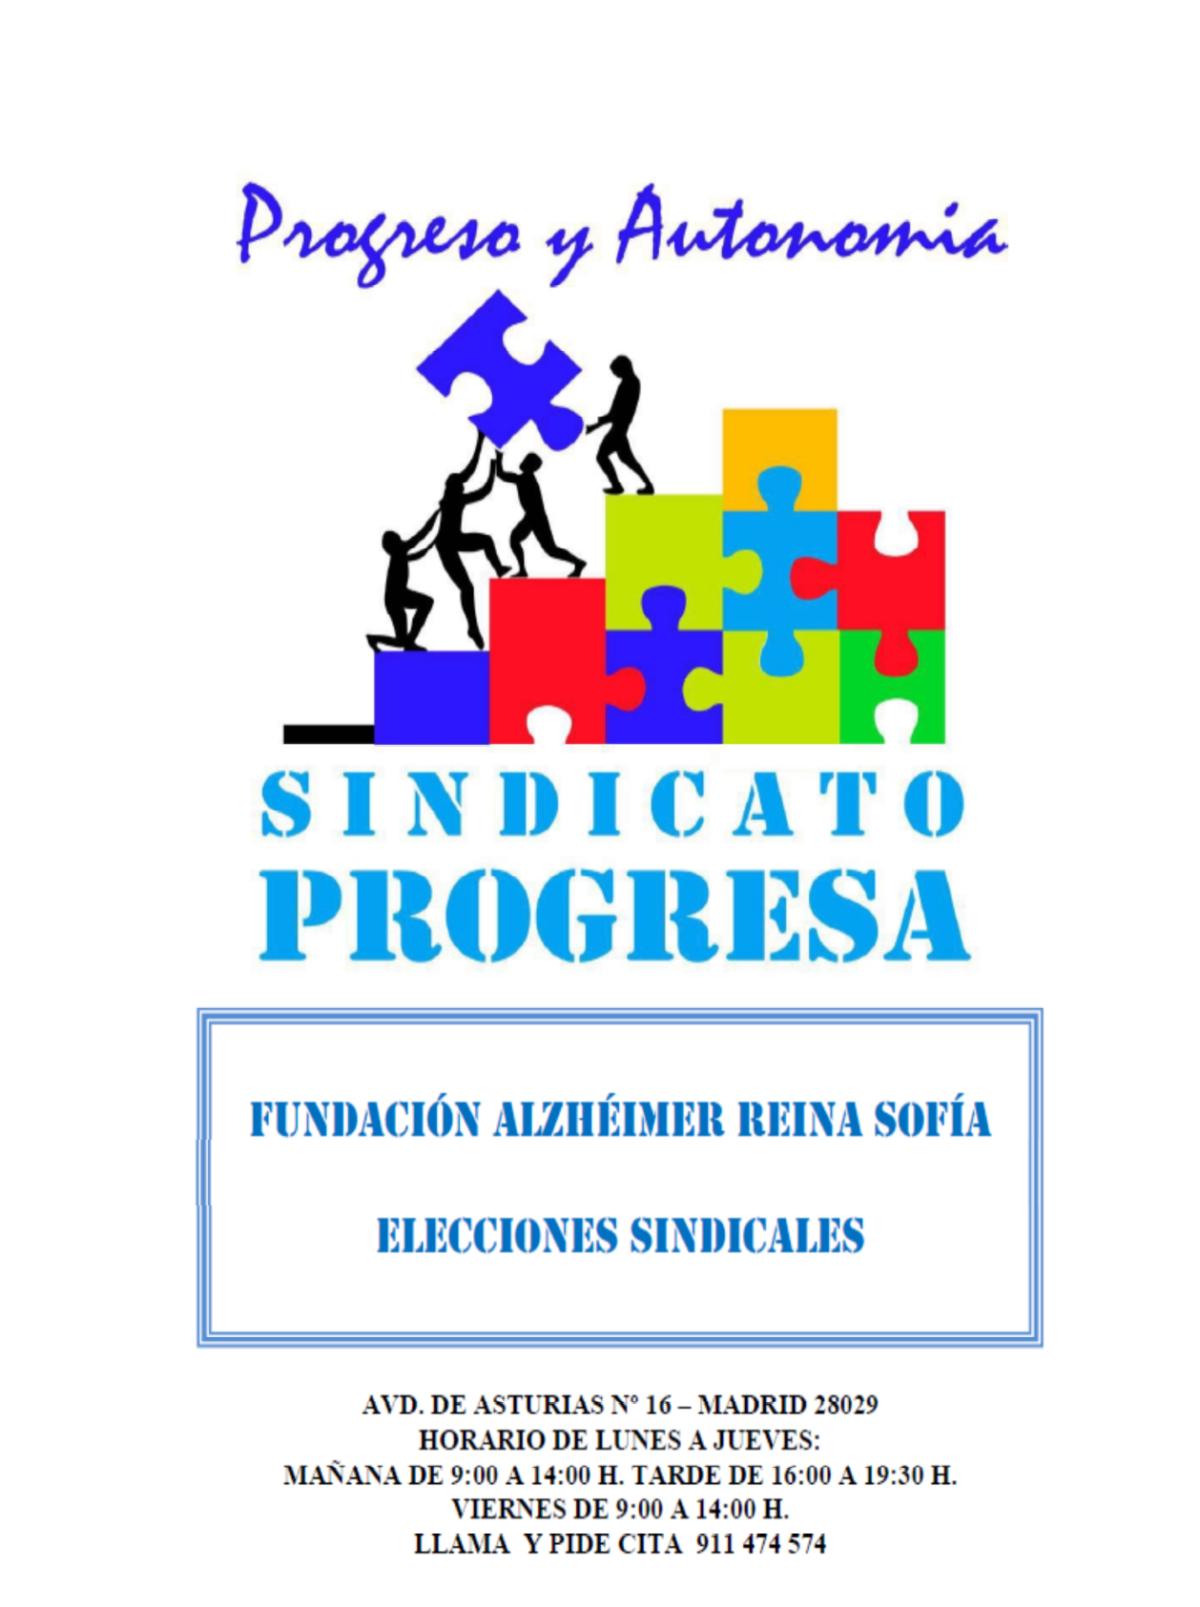 ELECCIONES SINDICALES FUNDACIÓN ALZHÉHIMER REINA SOFÍA